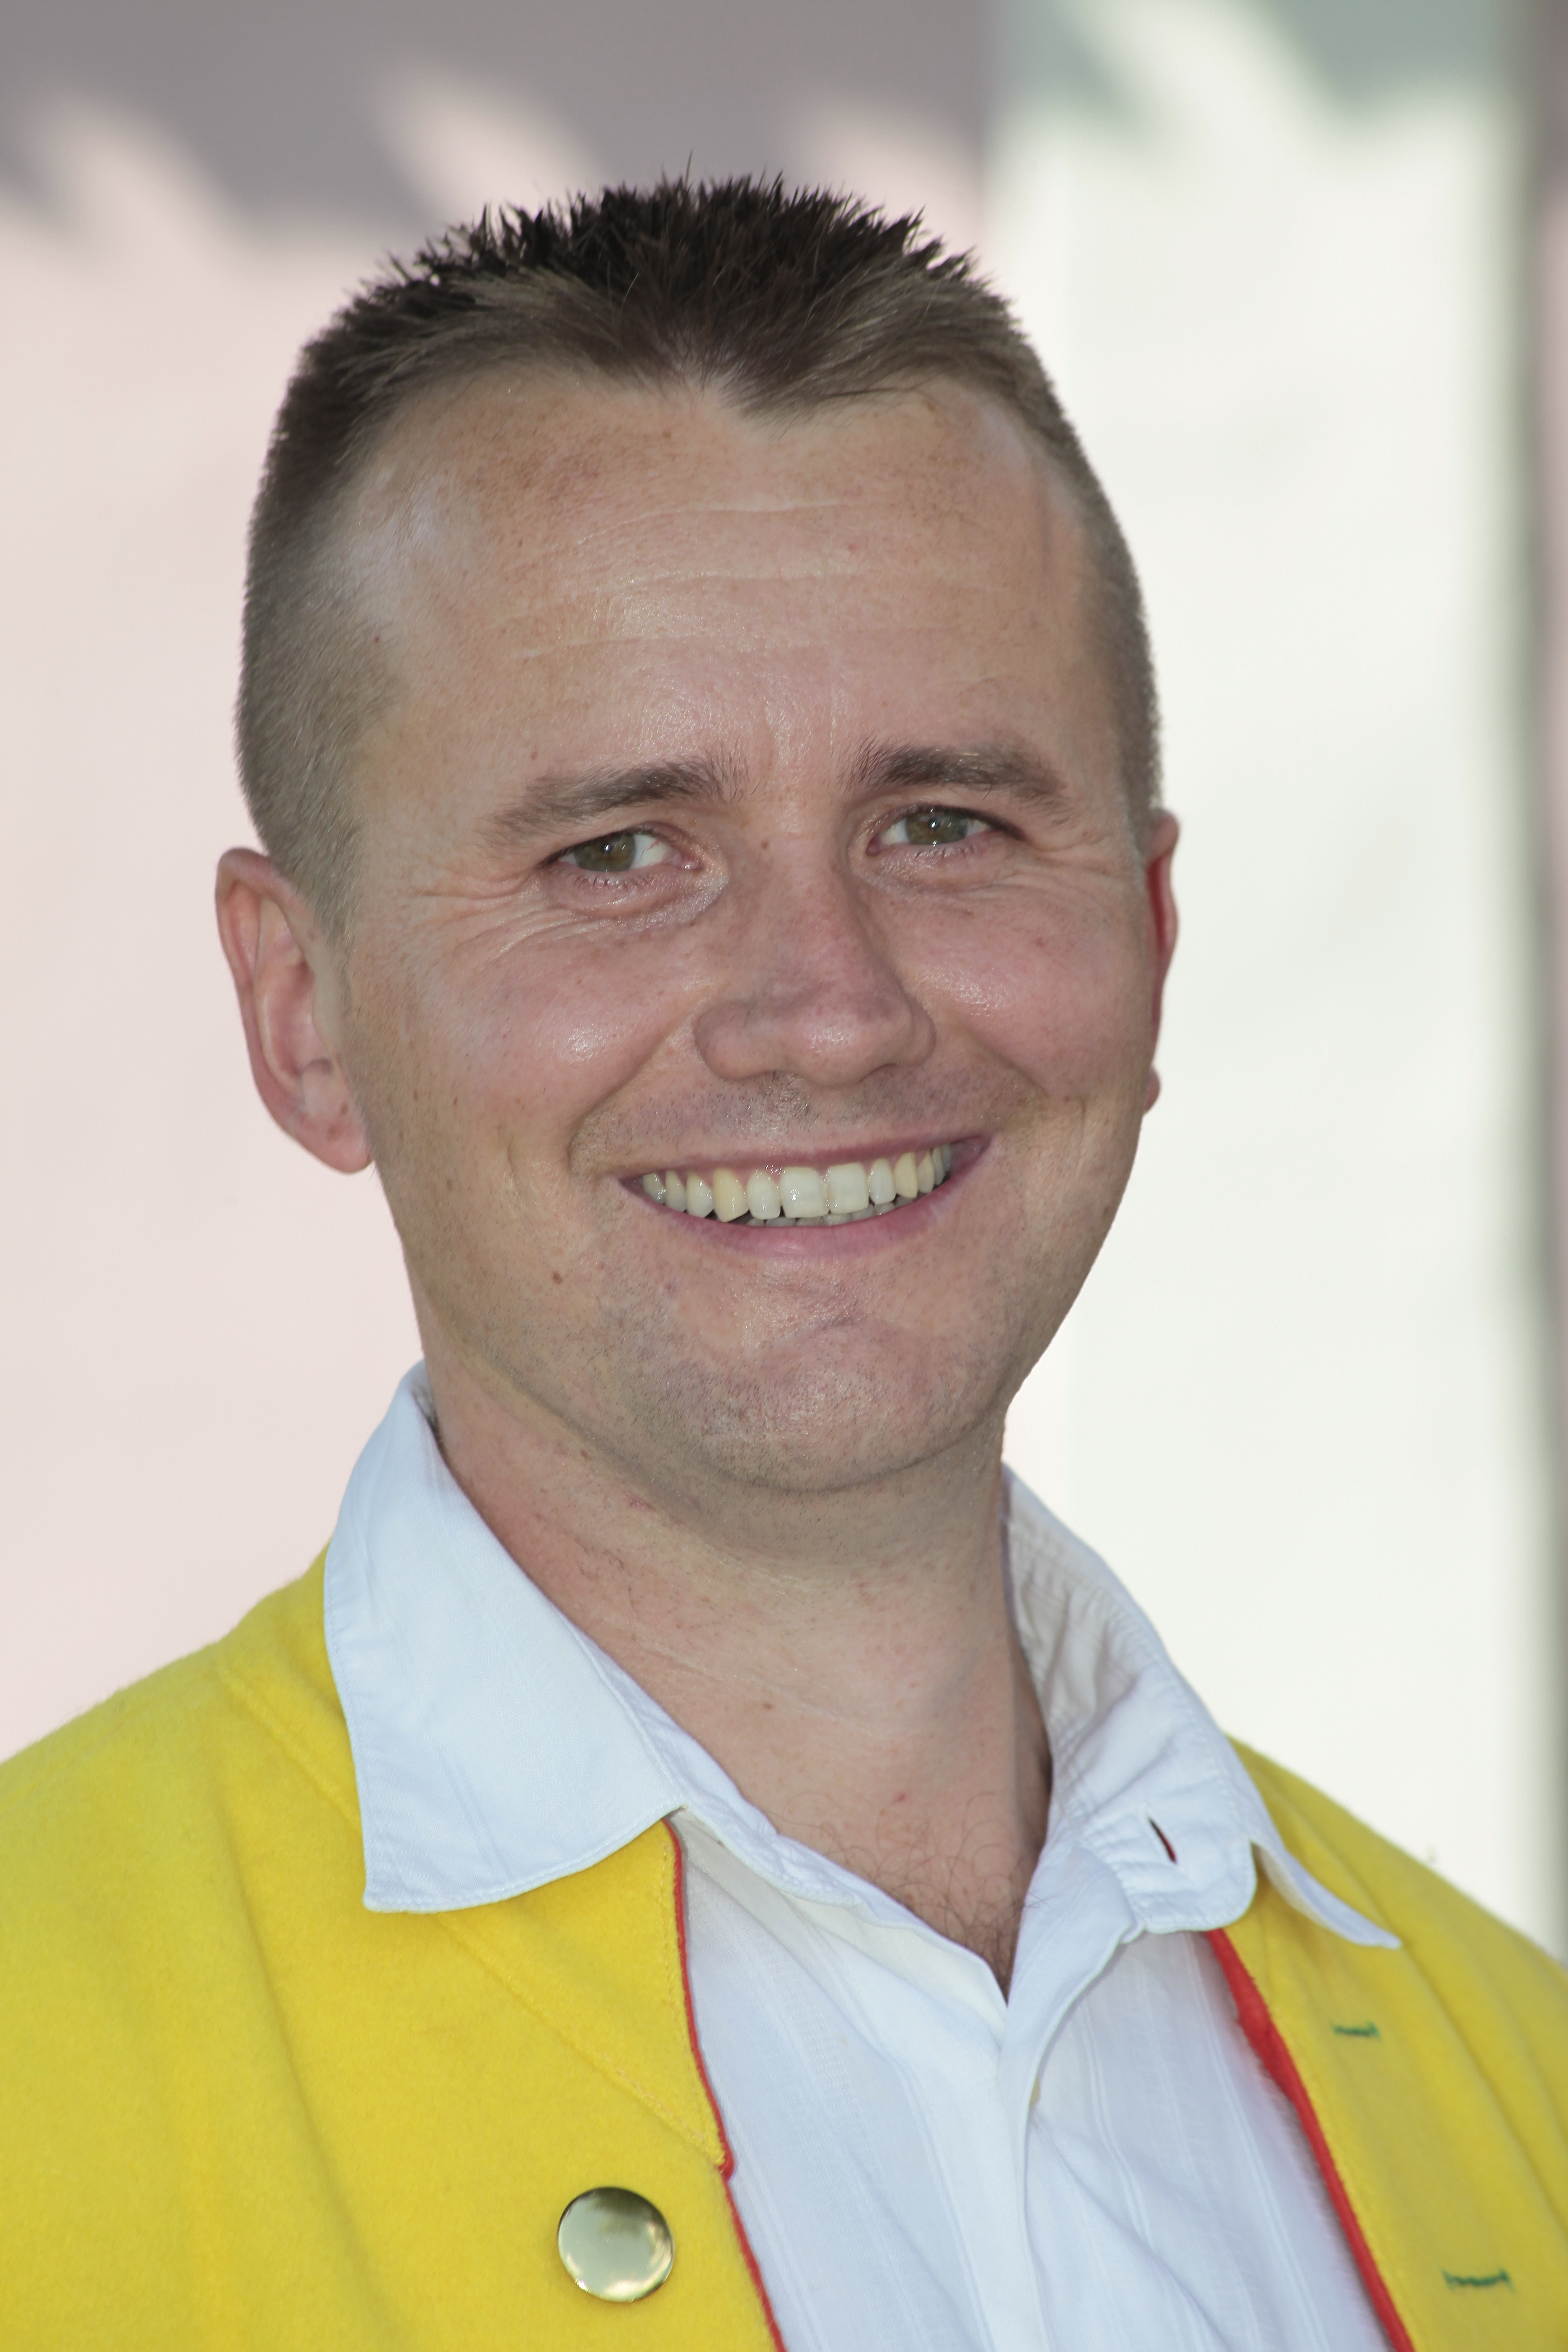 Radek Klusoň